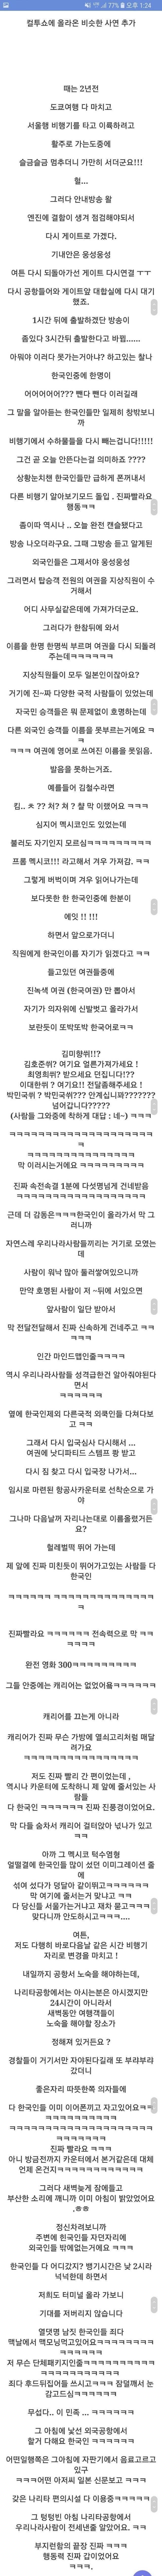 눈치 빠른 한국인 레전드 | 인스티즈